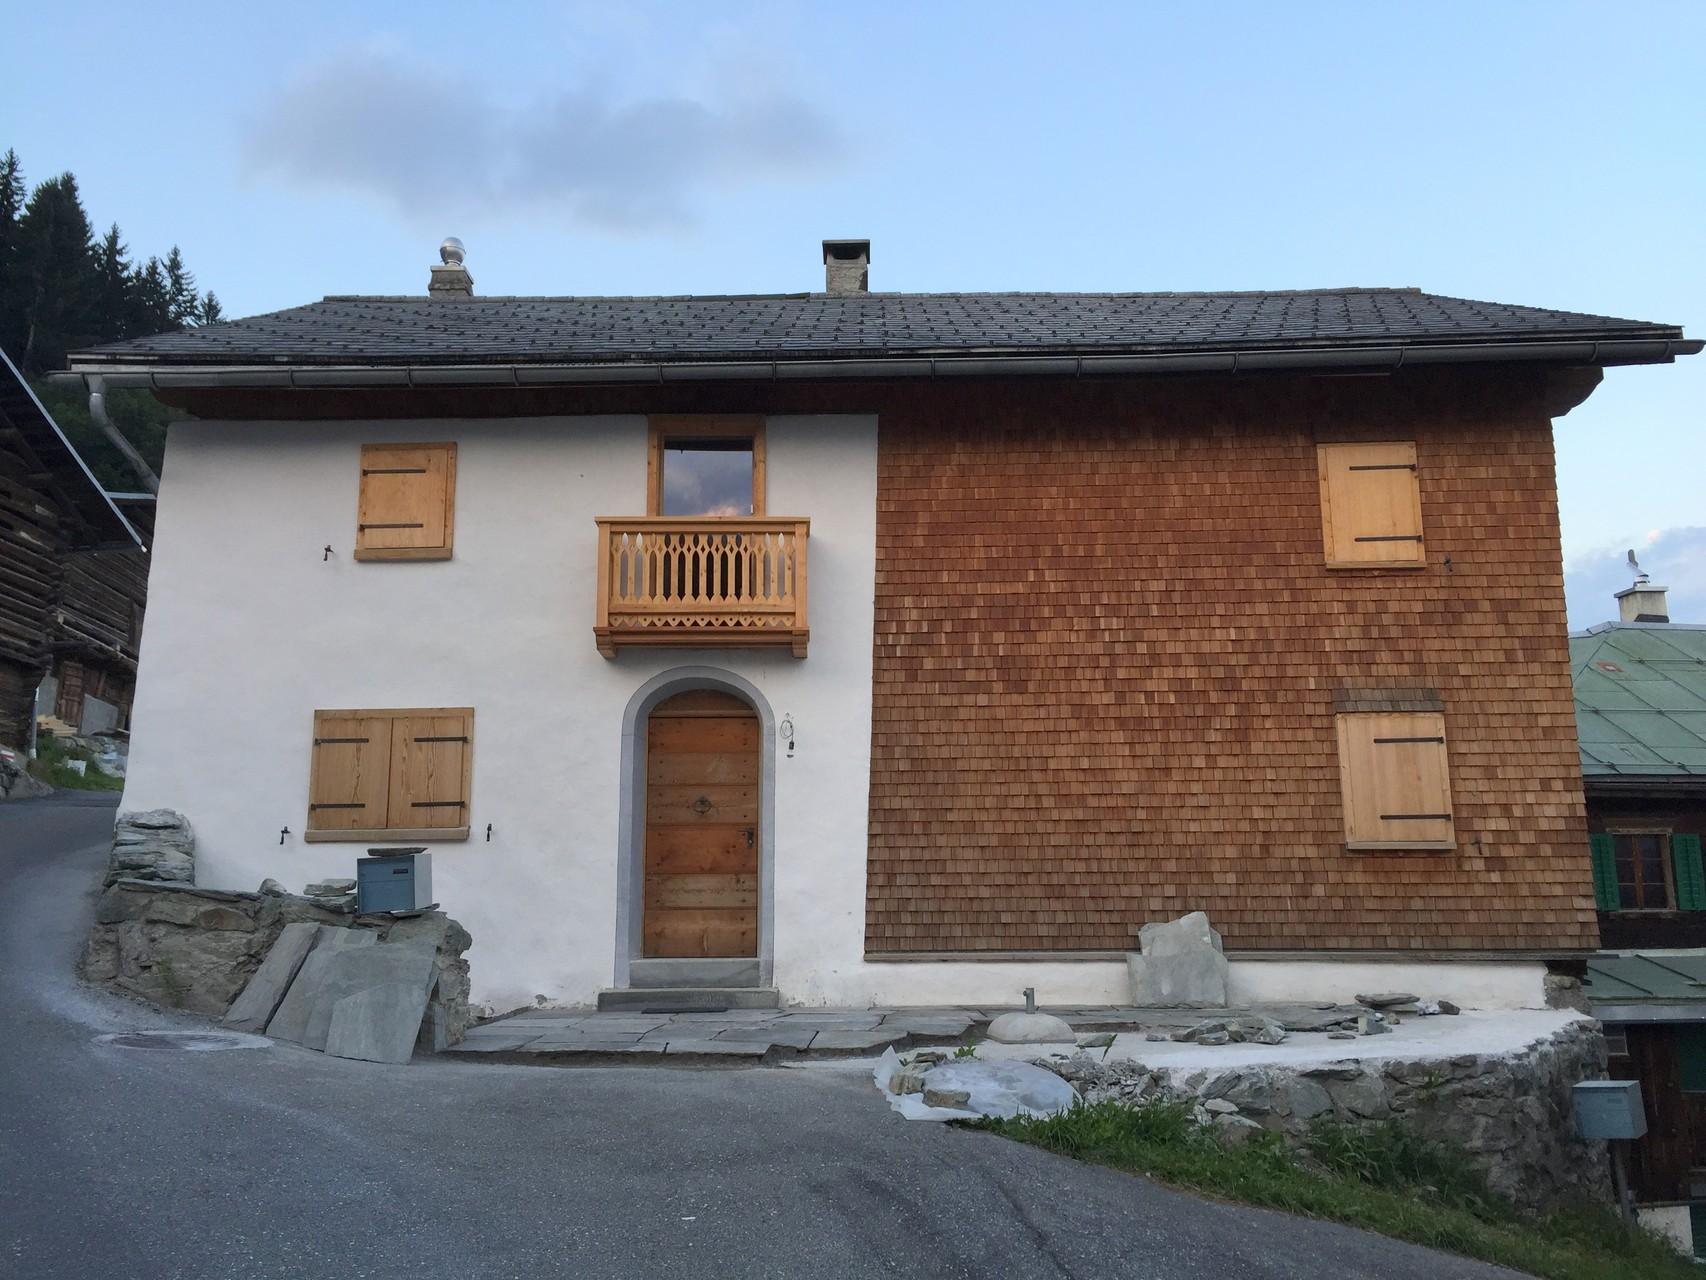 Westfassade nachher mit aufgemalter Türumrahmung